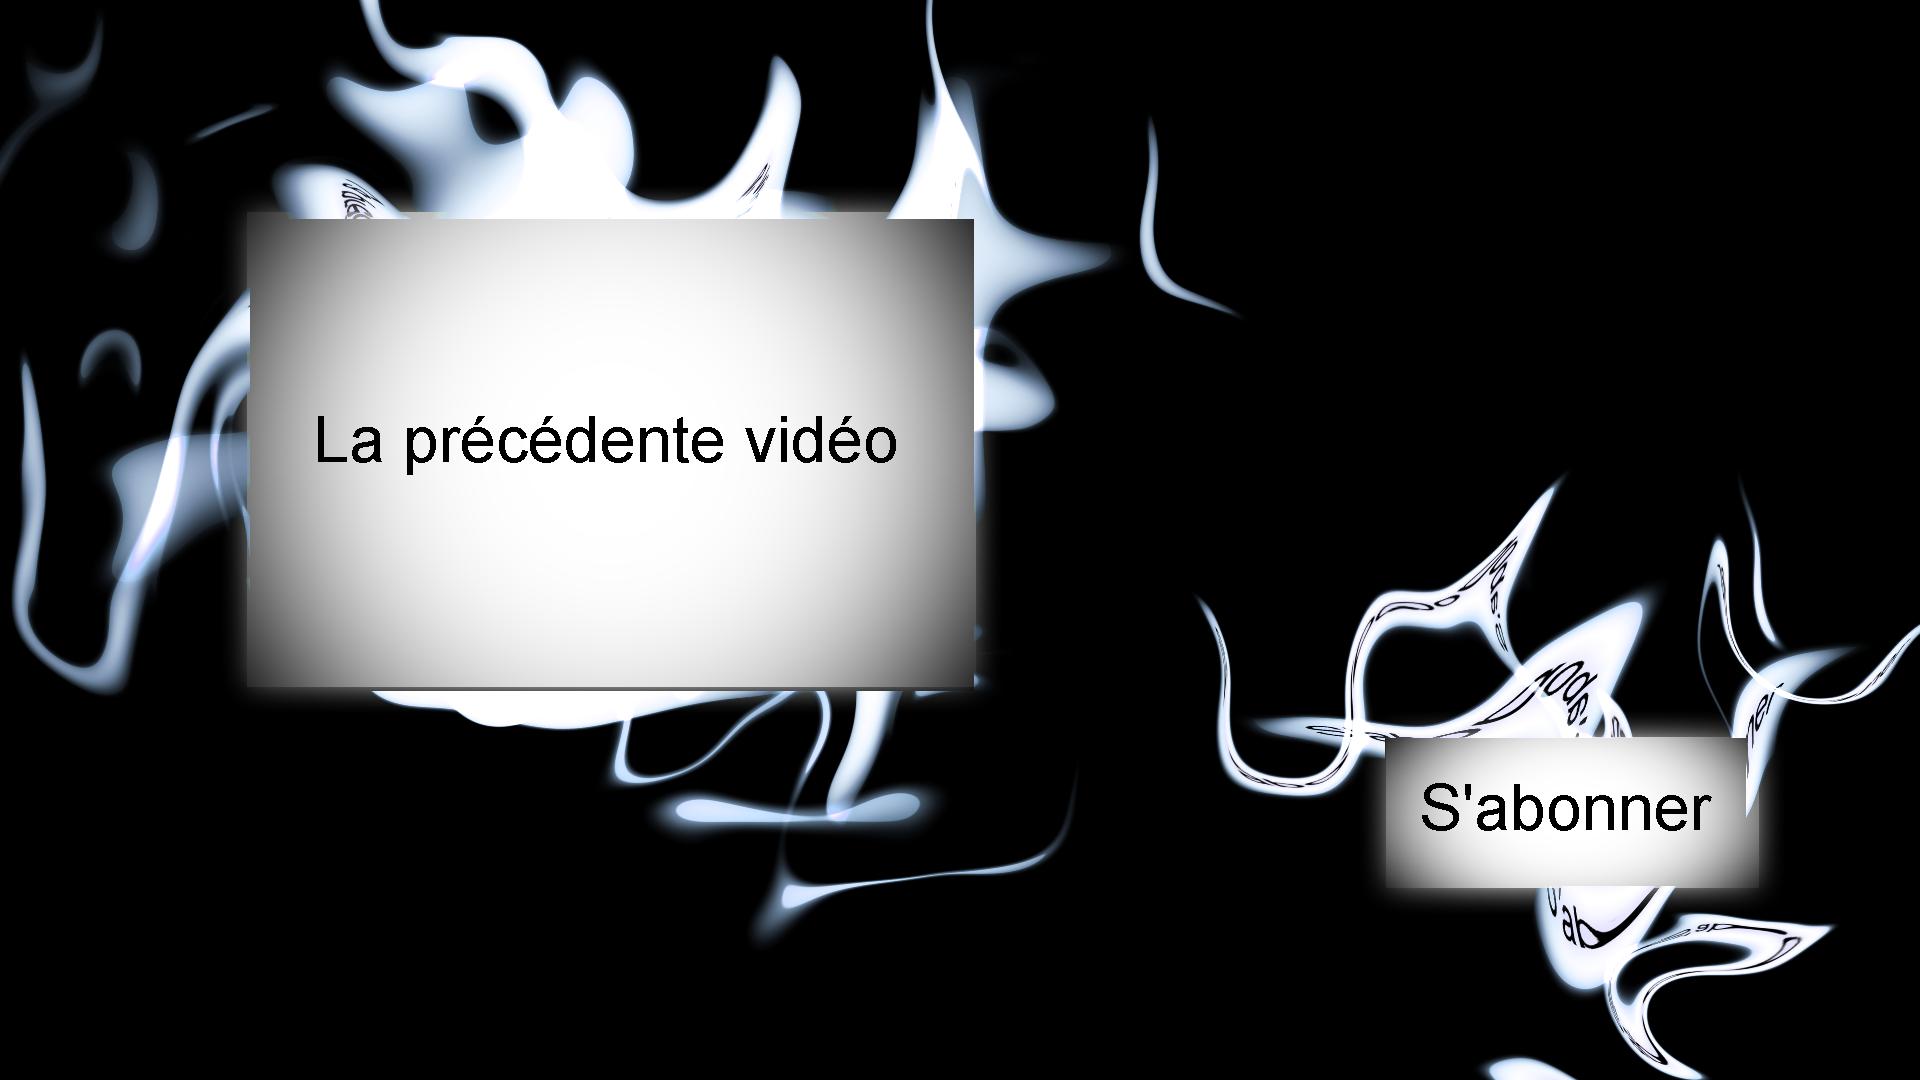 Fond ecran de fin youtube base by kidpaddleetcie on deviantart for Fond ecran youtube